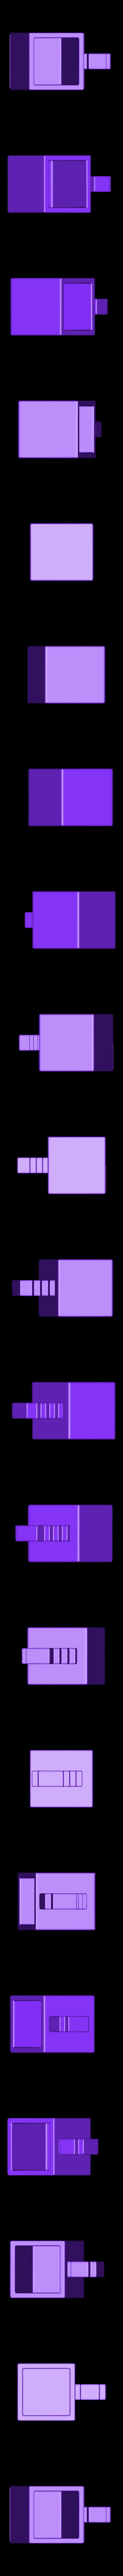 Cube Mug.stl Download free STL file Cube Mug • 3D printing template, 3DBuilder